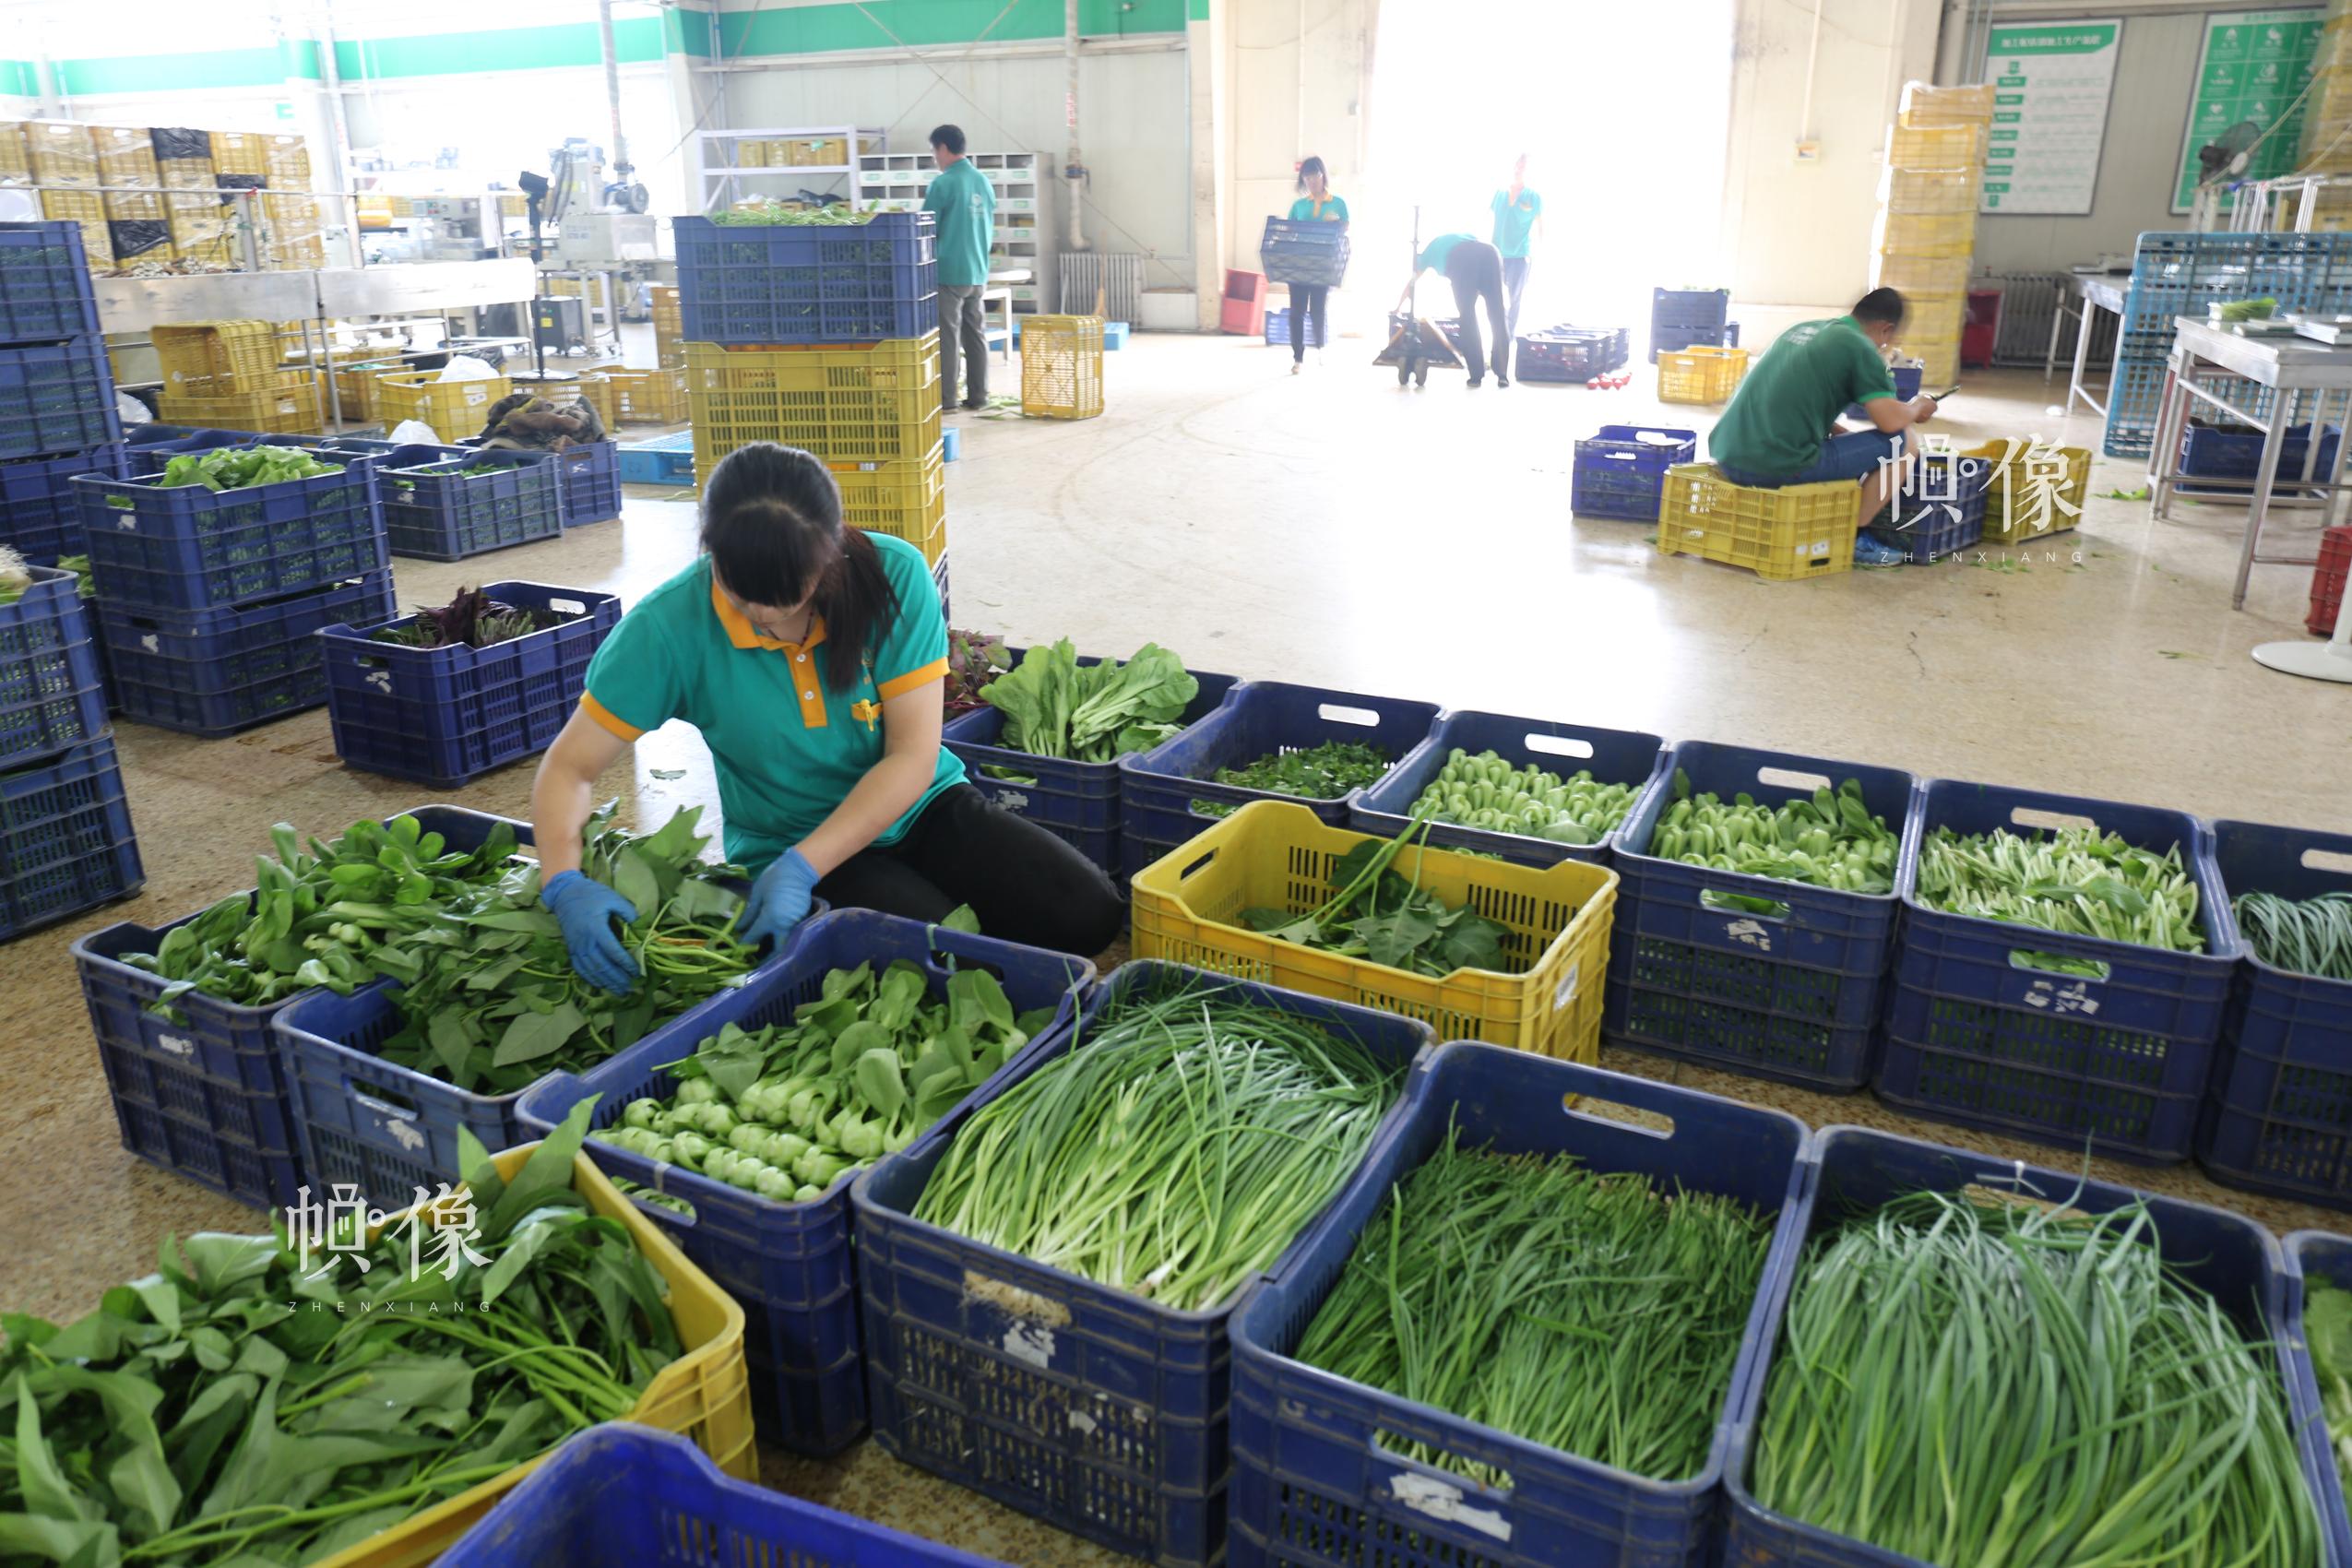 北京天安农业小汤山特菜基地员工对蔬菜进行包装处理。中国网记者 赵超 摄